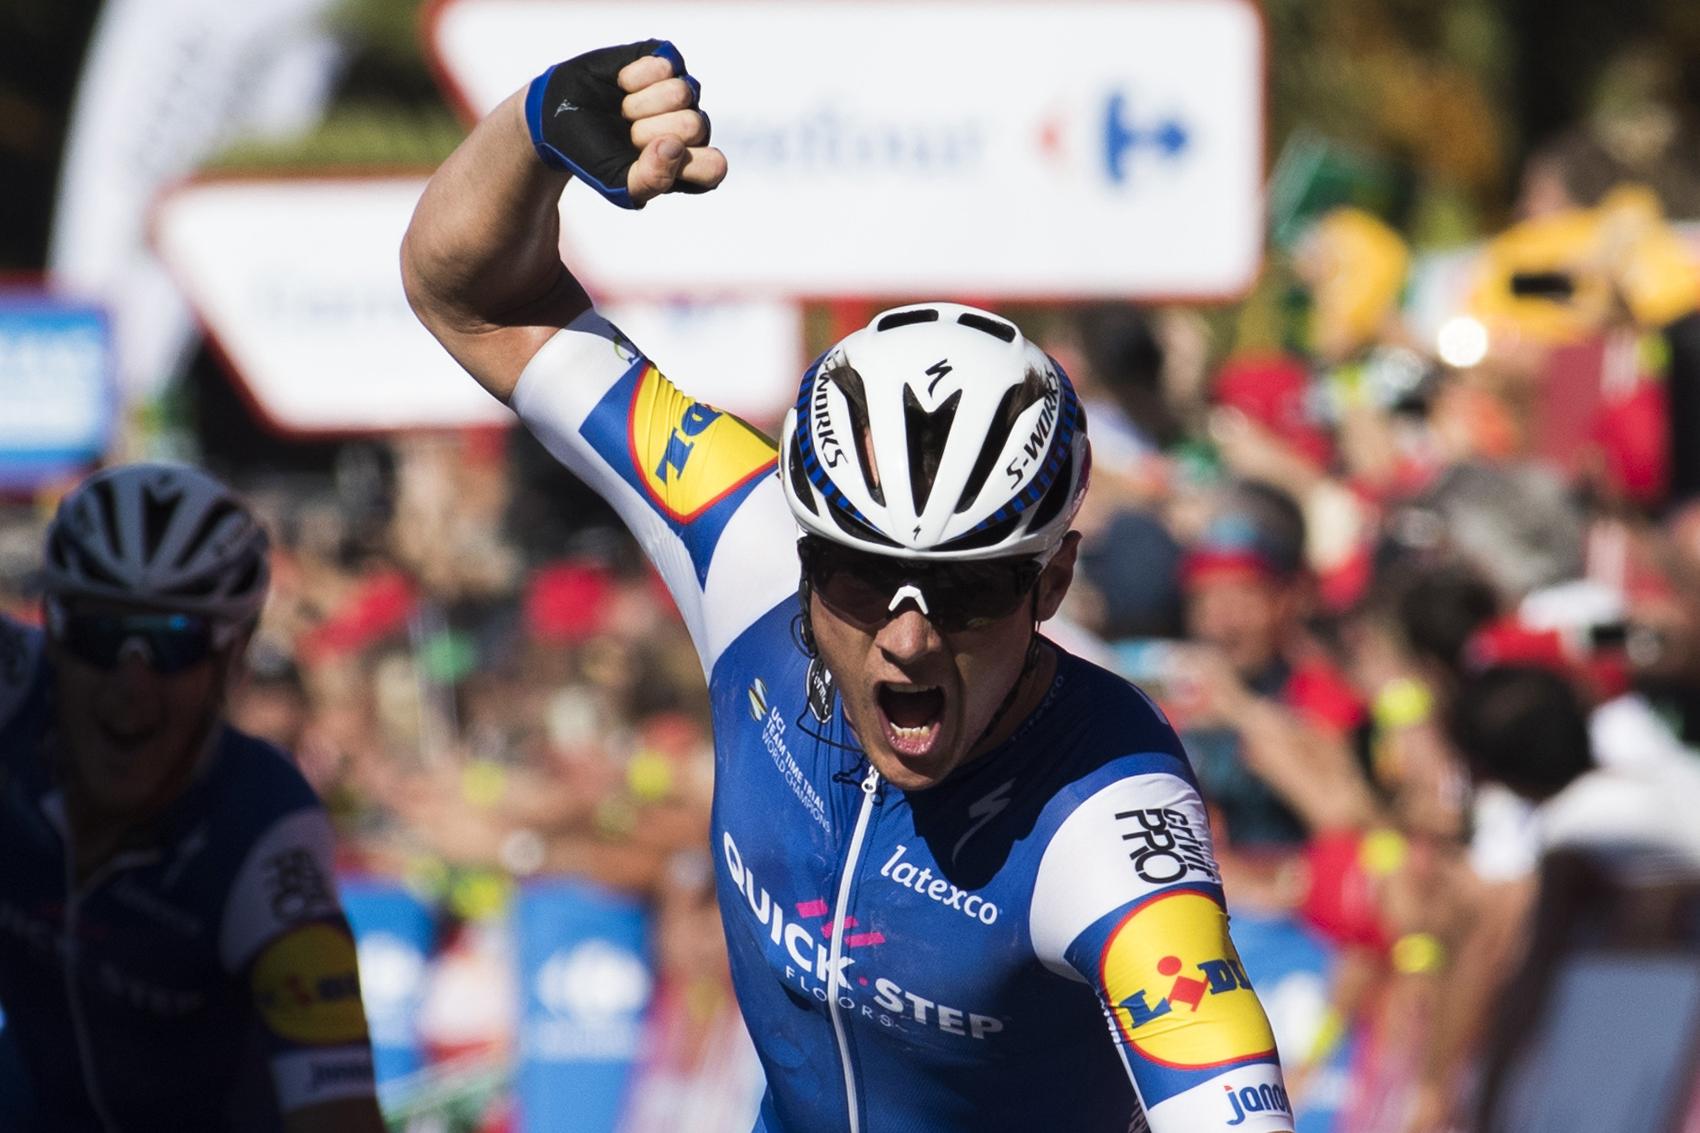 Cyclisme - Vuelta - Vuelta : le très bon coup de Lampaert et de Quick-Step